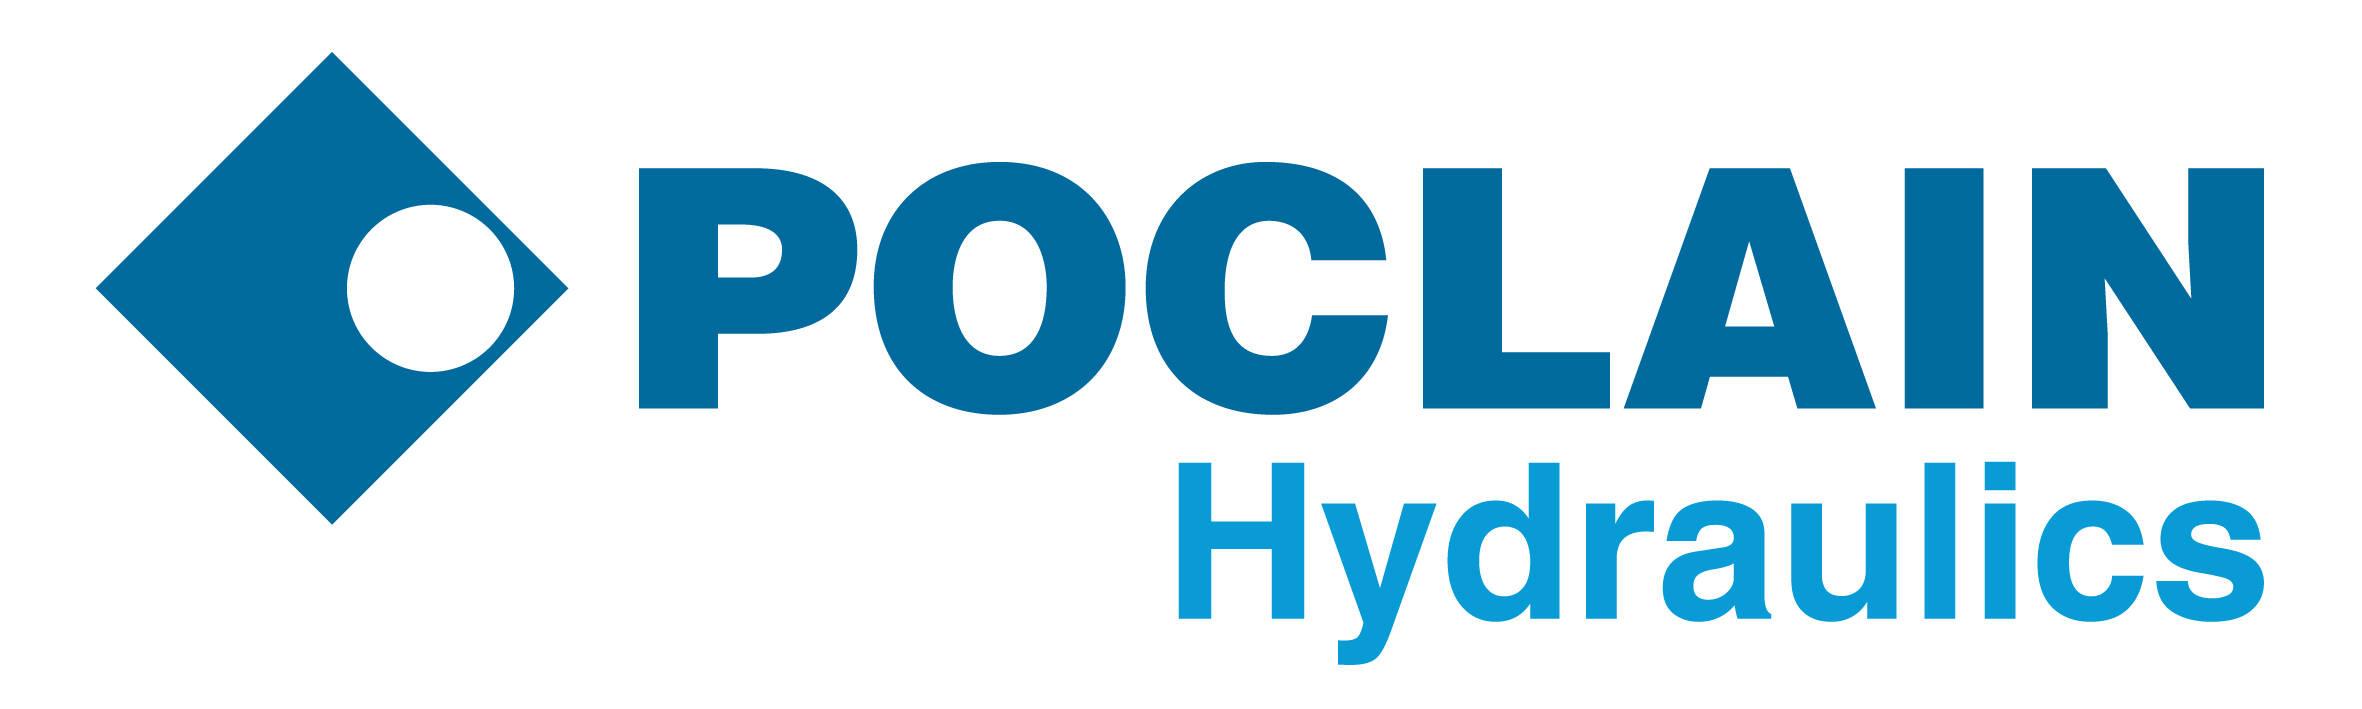 POCLAIN HYDRAULICS, s.r.o.